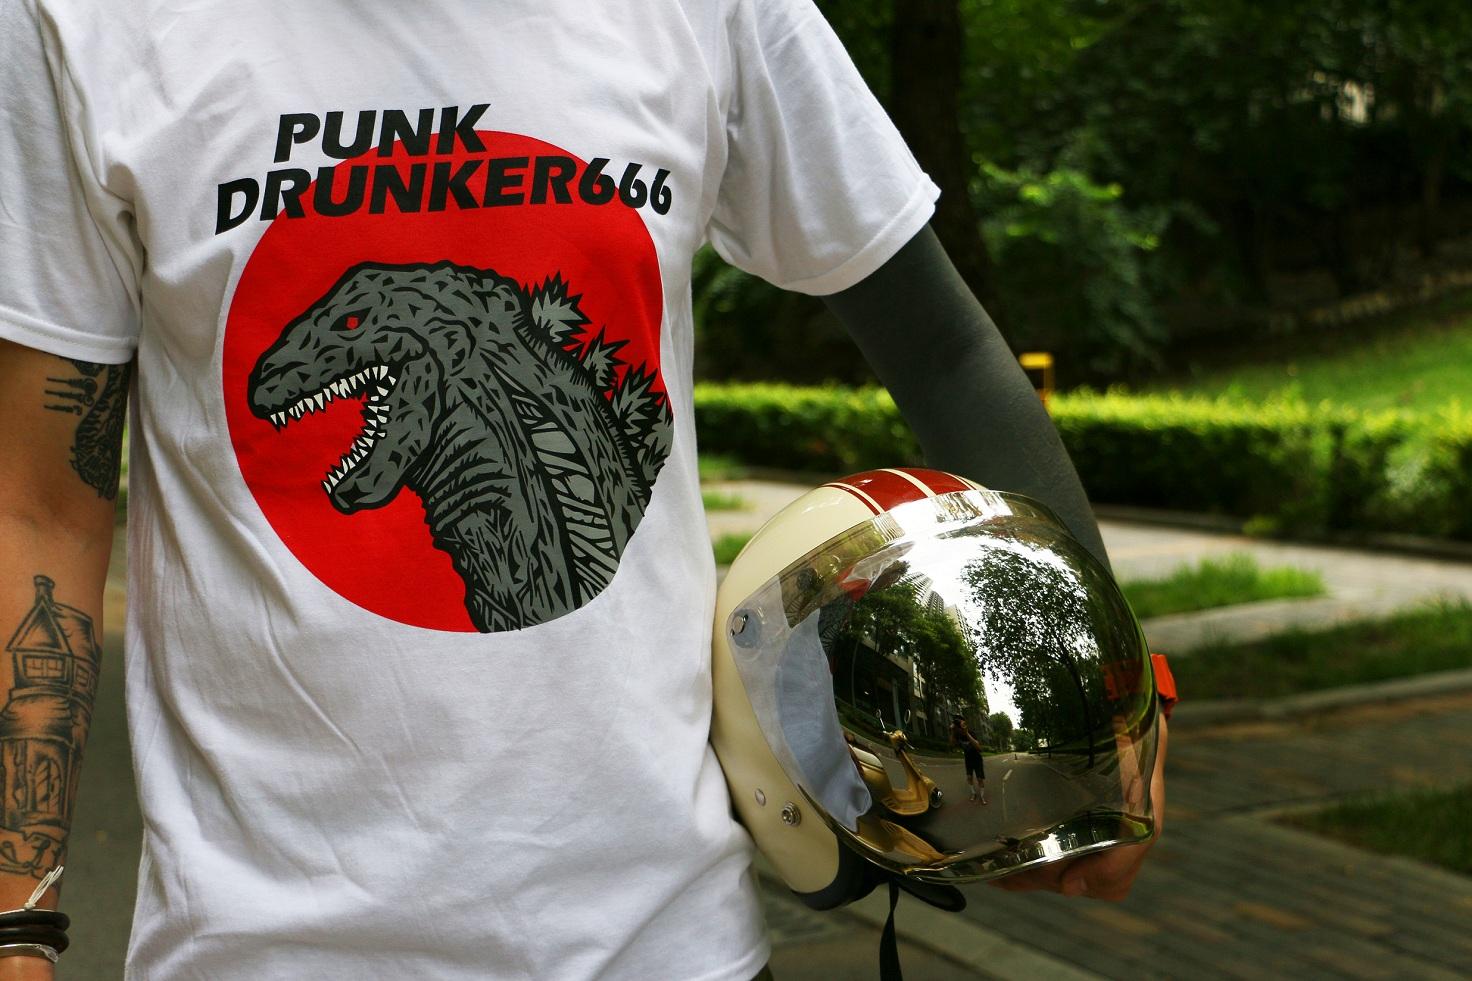 ( продано ) кожзаменитель NKDRUNKER666 серия страх поездка специальный атака команда пьяный ликер панк второй бомба